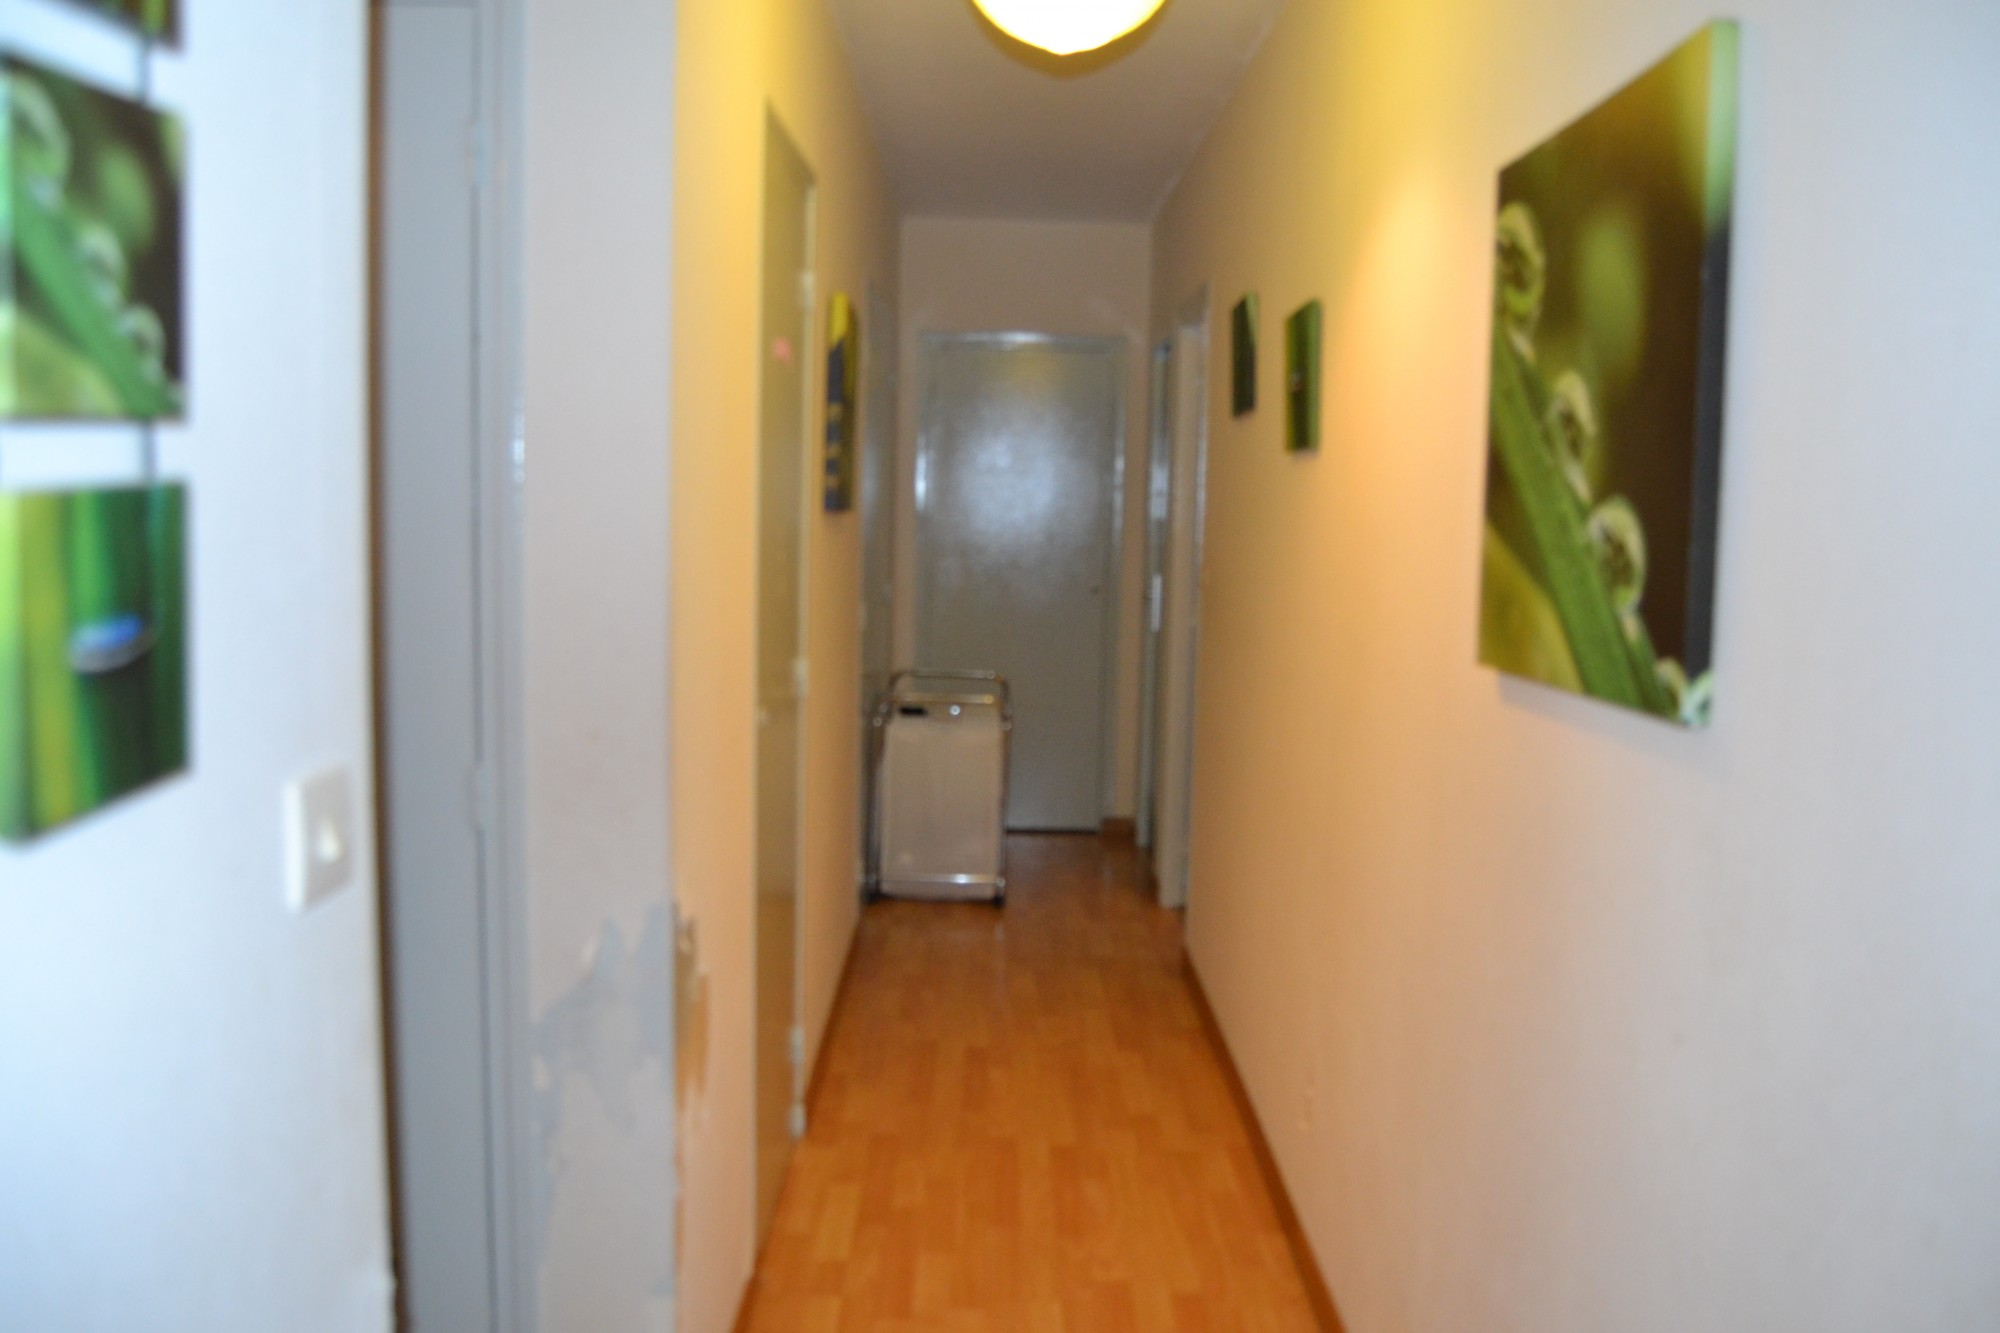 Ventes appartement 4 chambres centre ville t5 f5 le havre saint michel place thiers achat et - Location chambre le havre ...